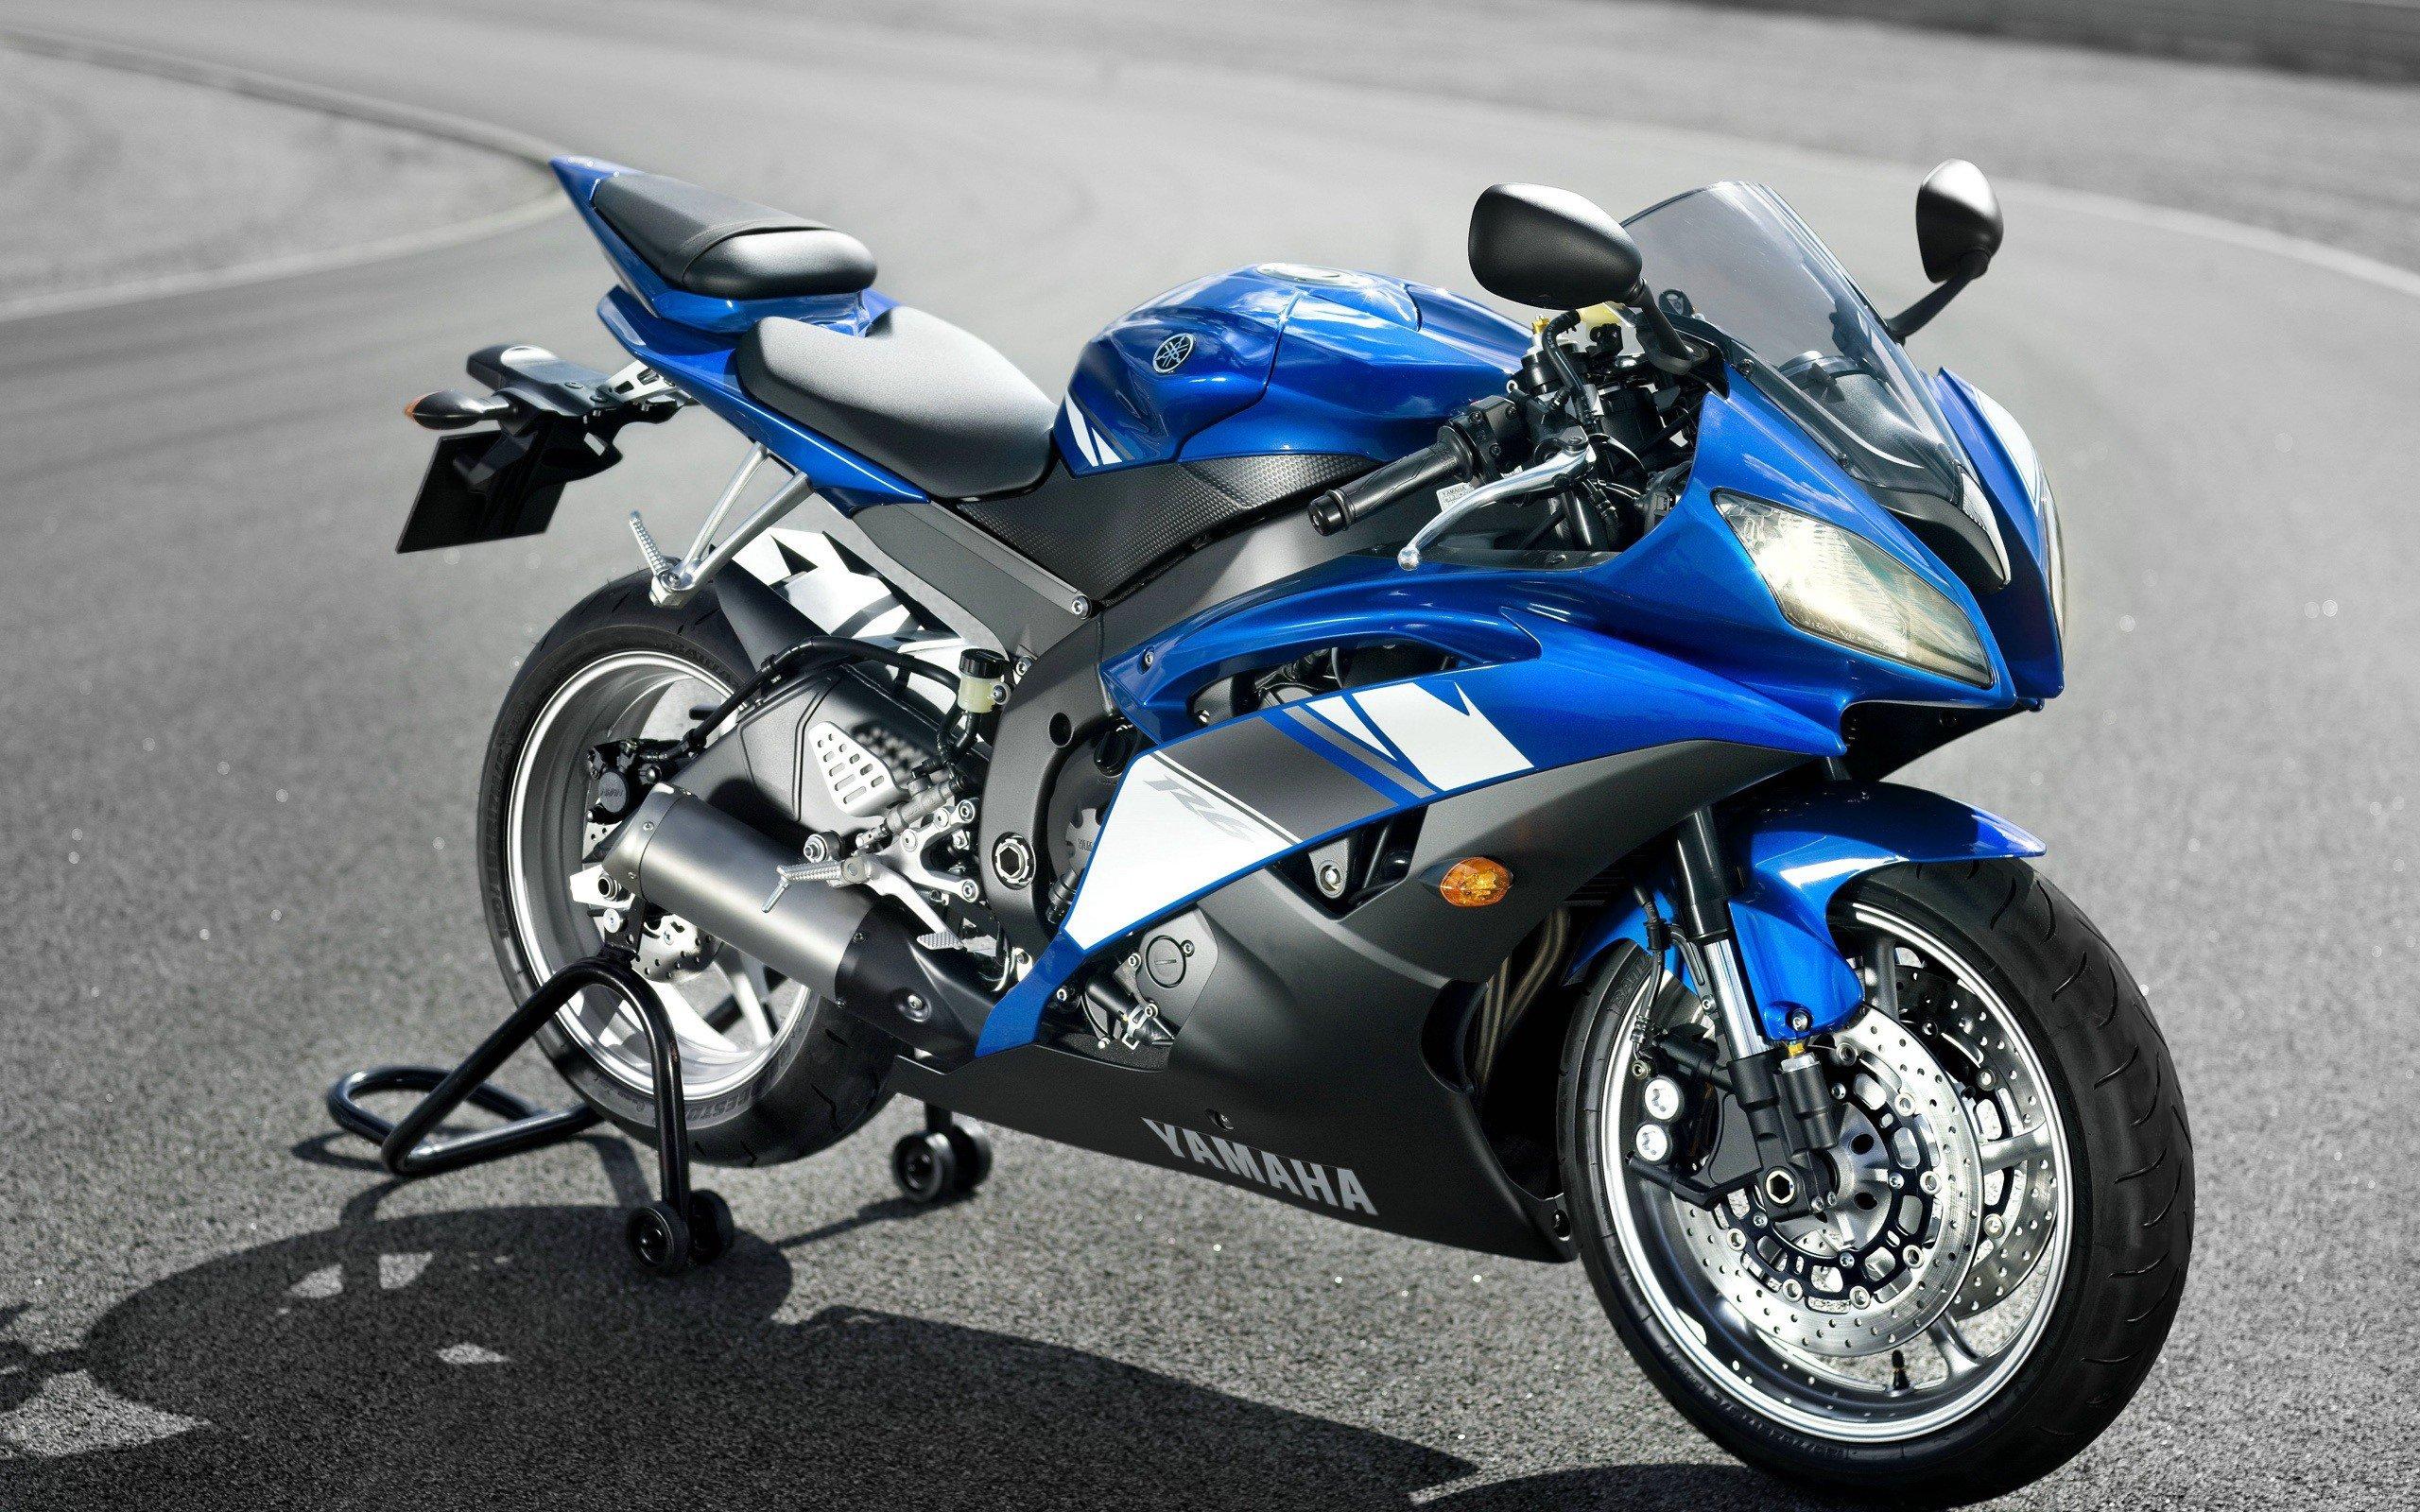 Yamaha YZF R6, Motorcycle Wallpaper